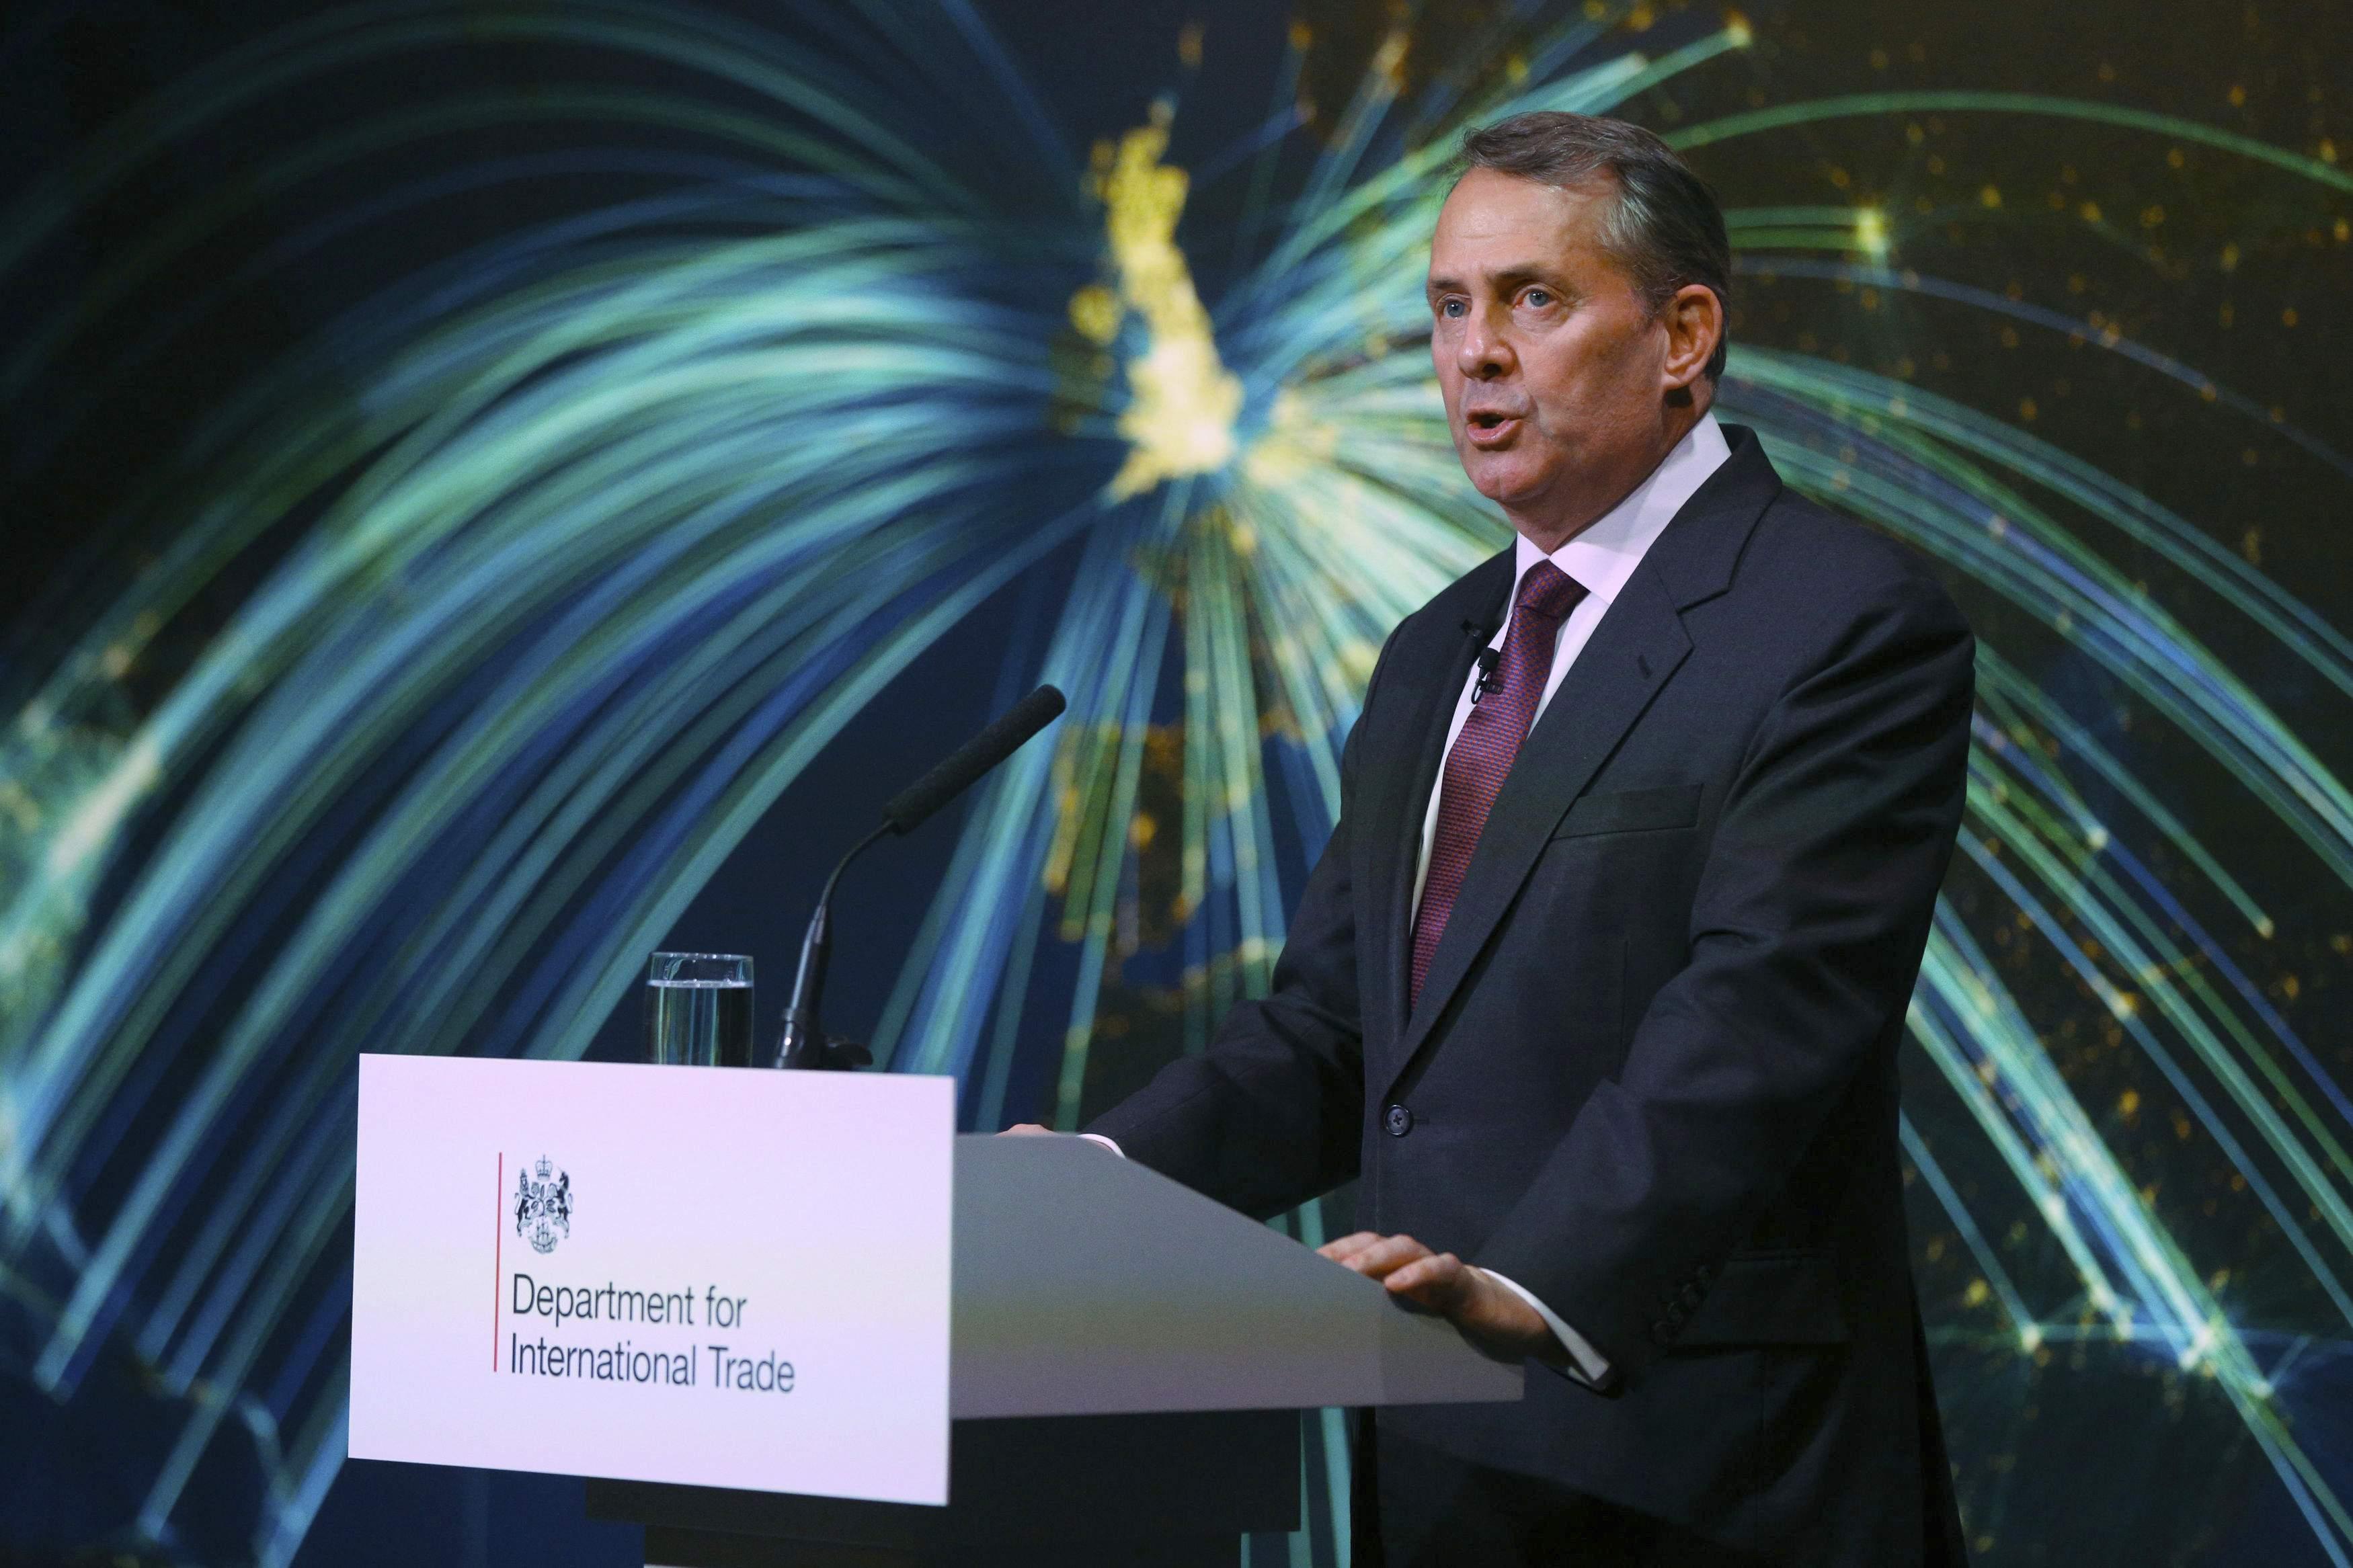 Background Briefing: Liam Fox Bloomberg Speecht